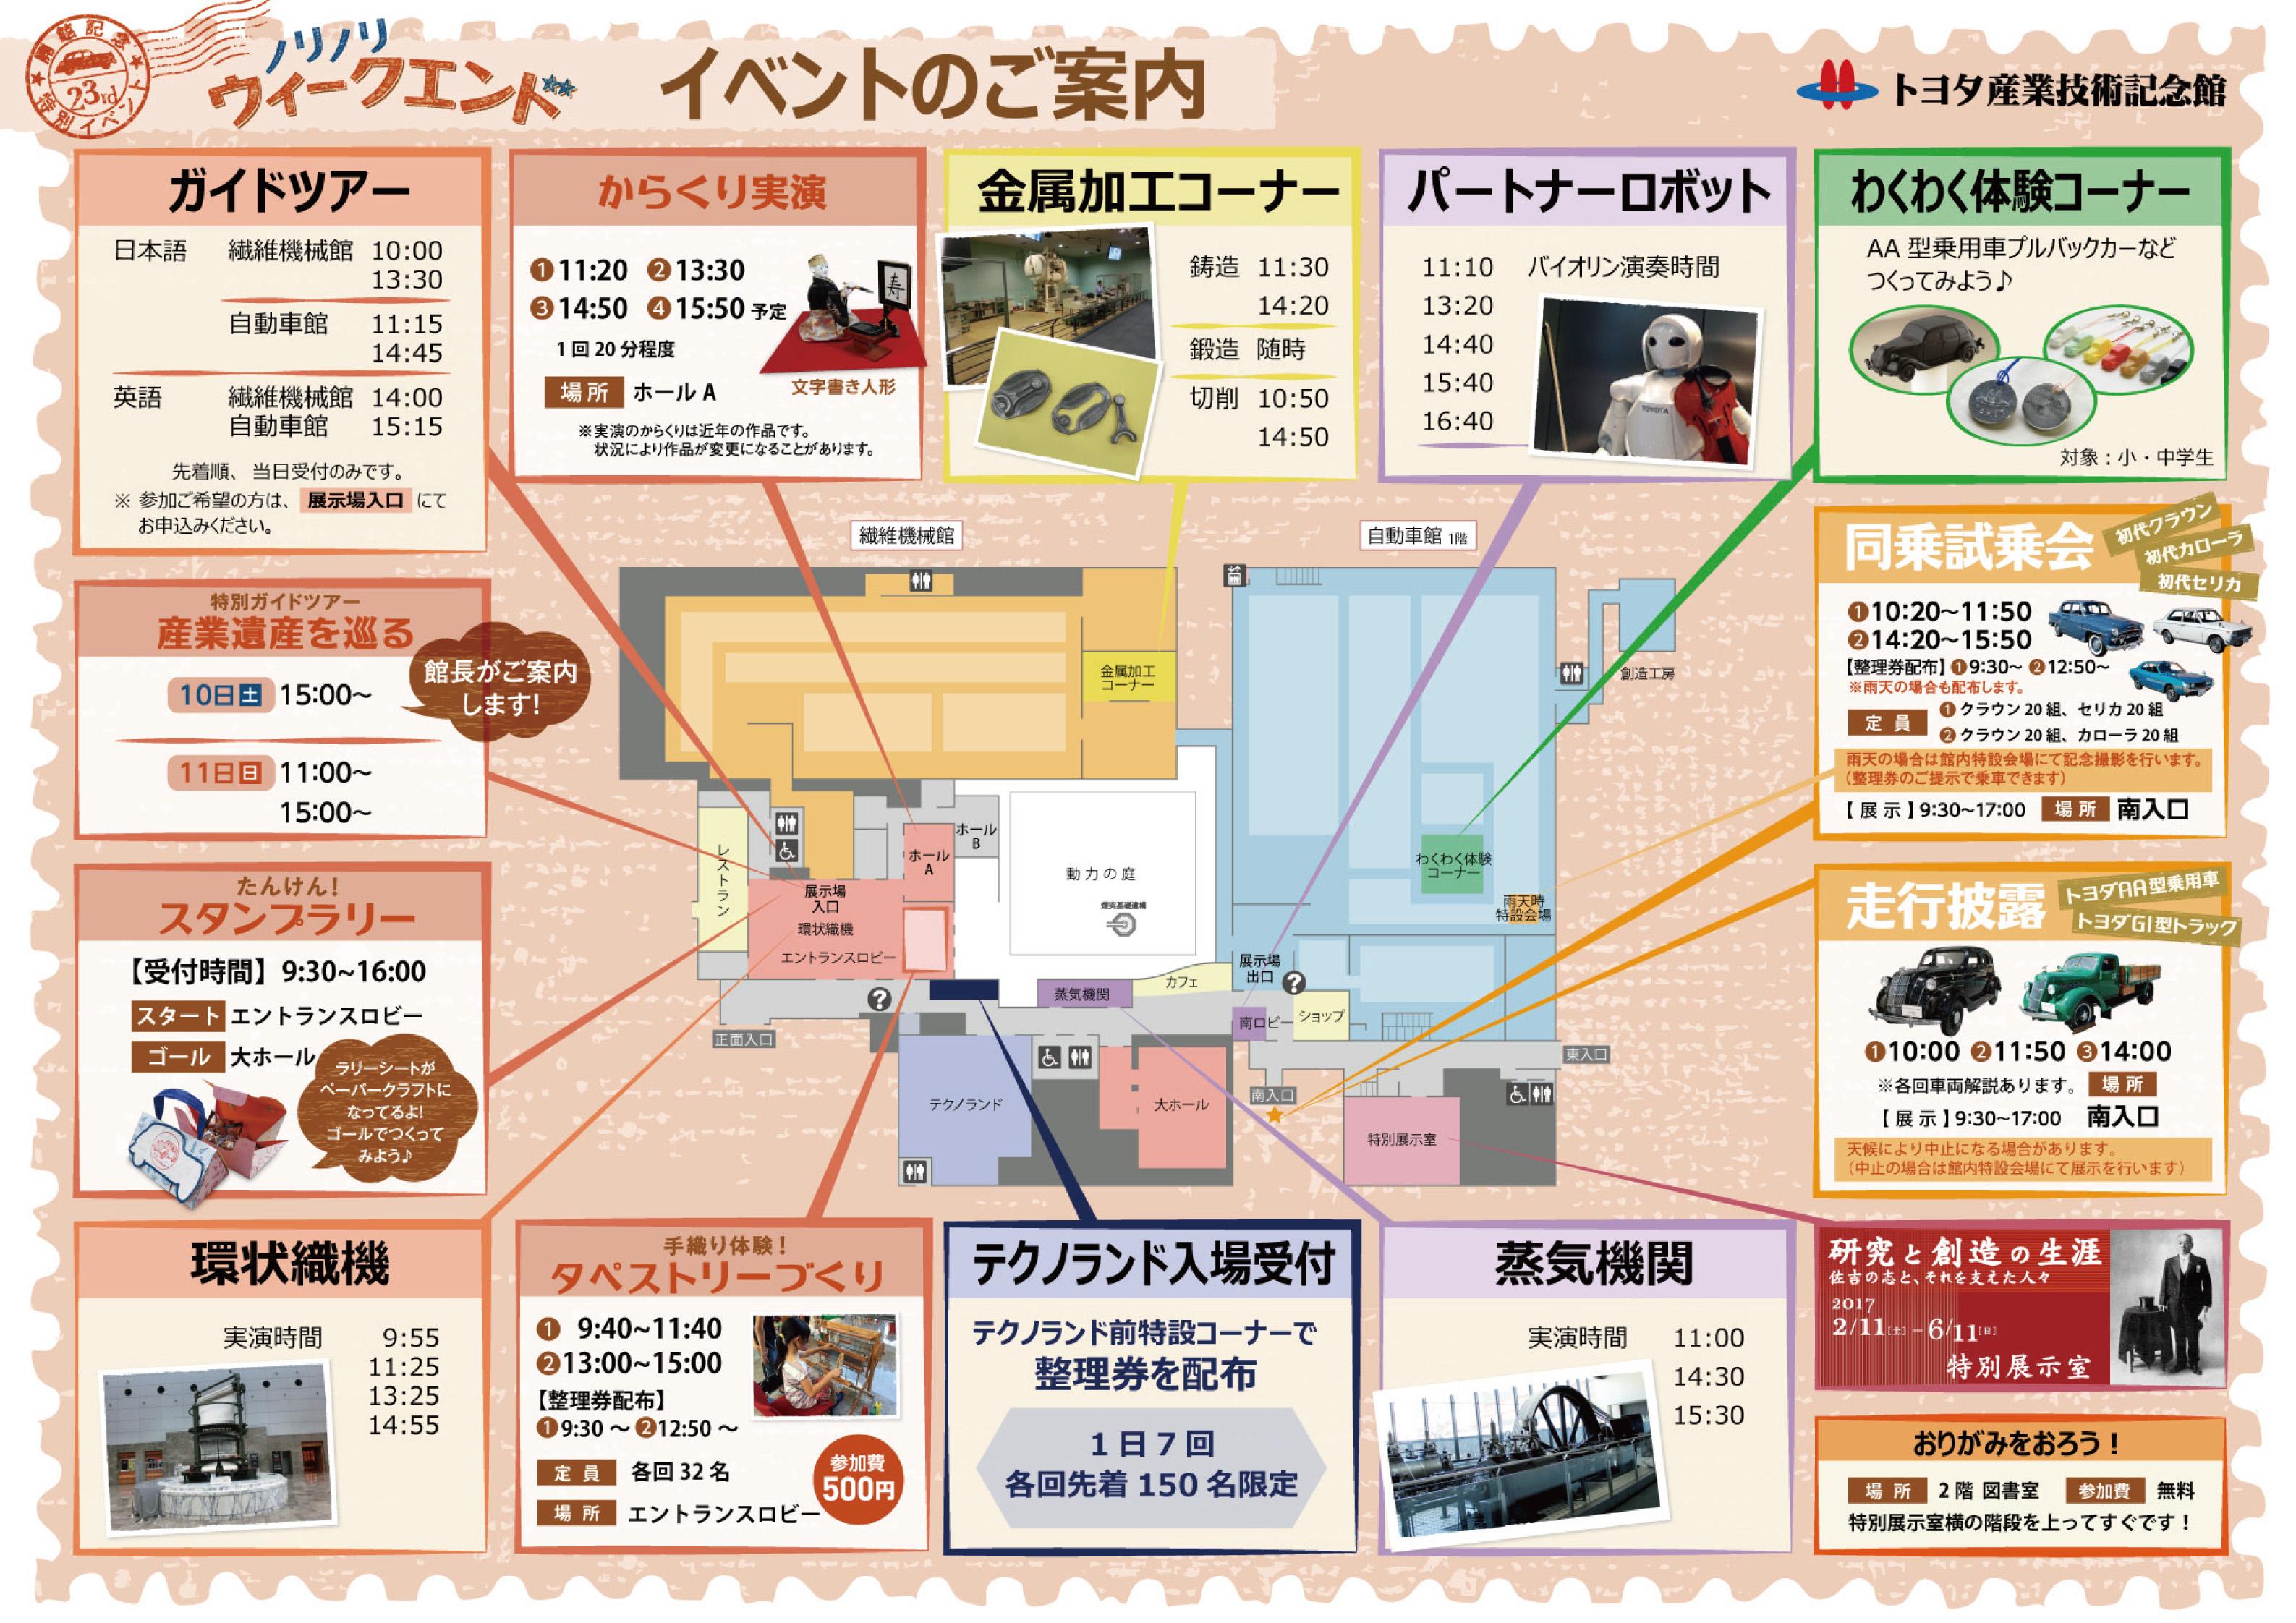 【A4横】イベントマップ